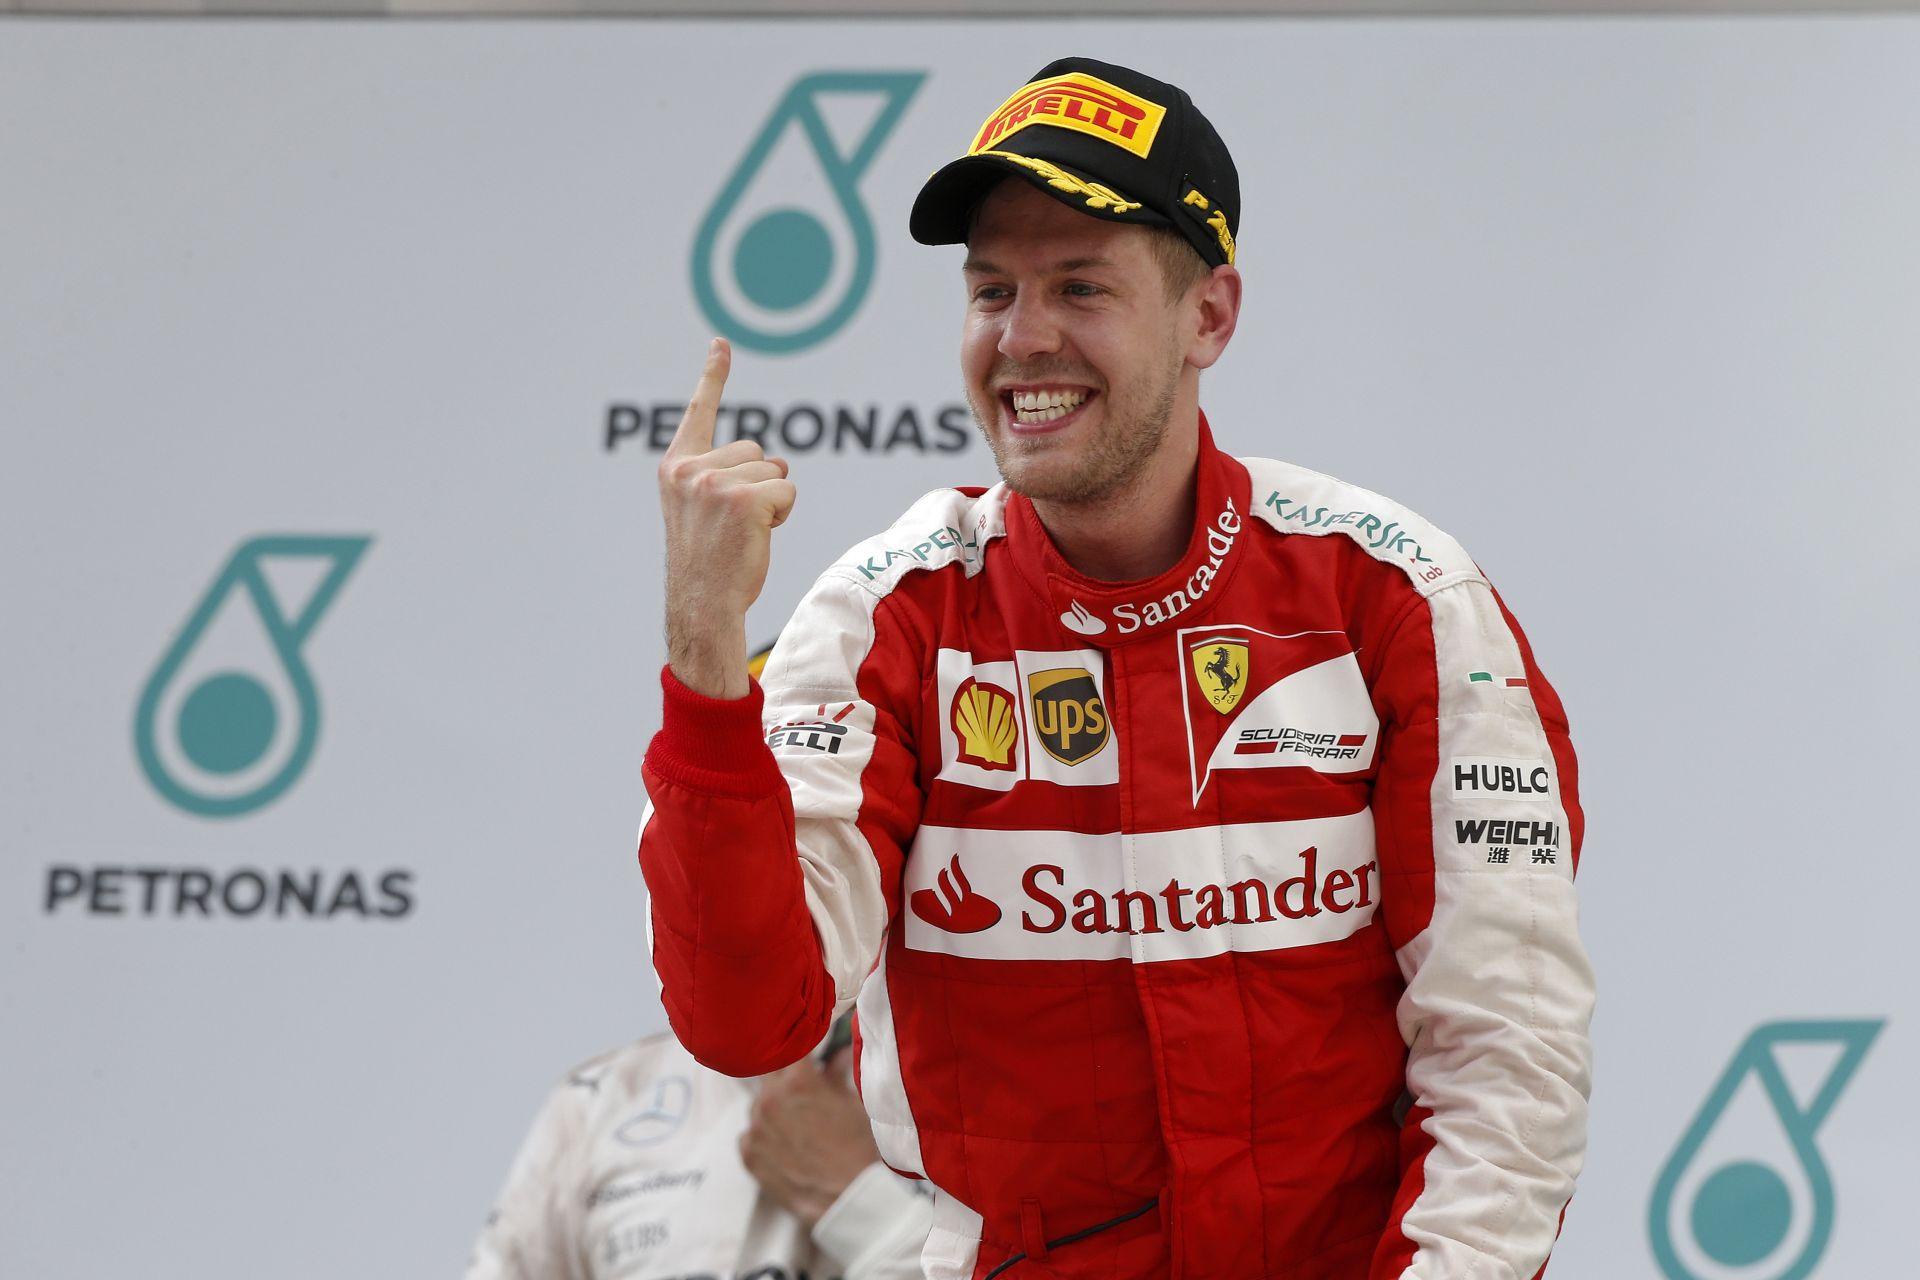 Túl korán jött Vettel győzelme a Ferrarival?